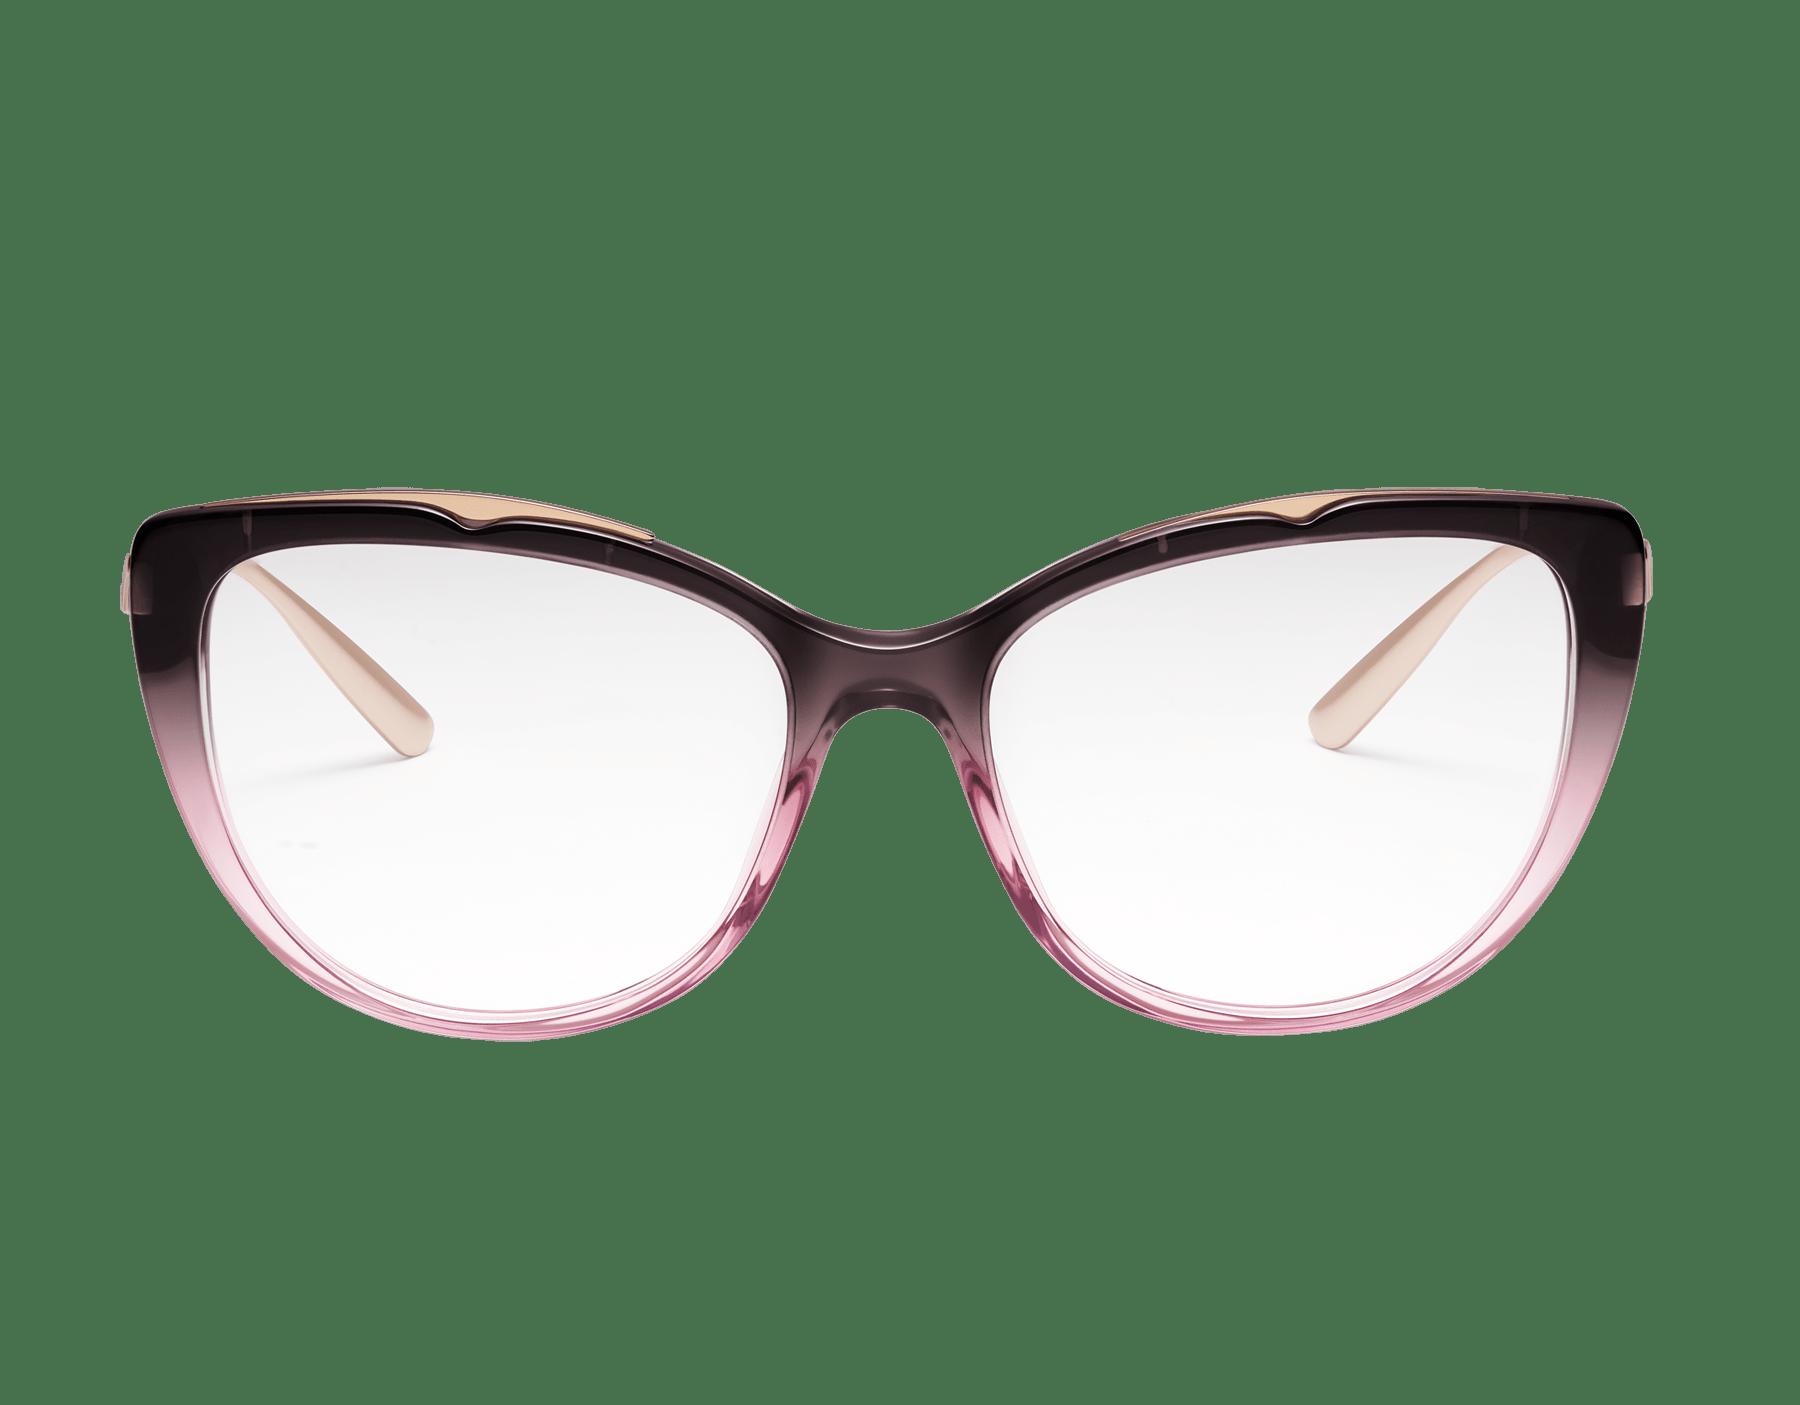 寶格麗 B.zero1 貓眼光學鏡架。 903939 image 2